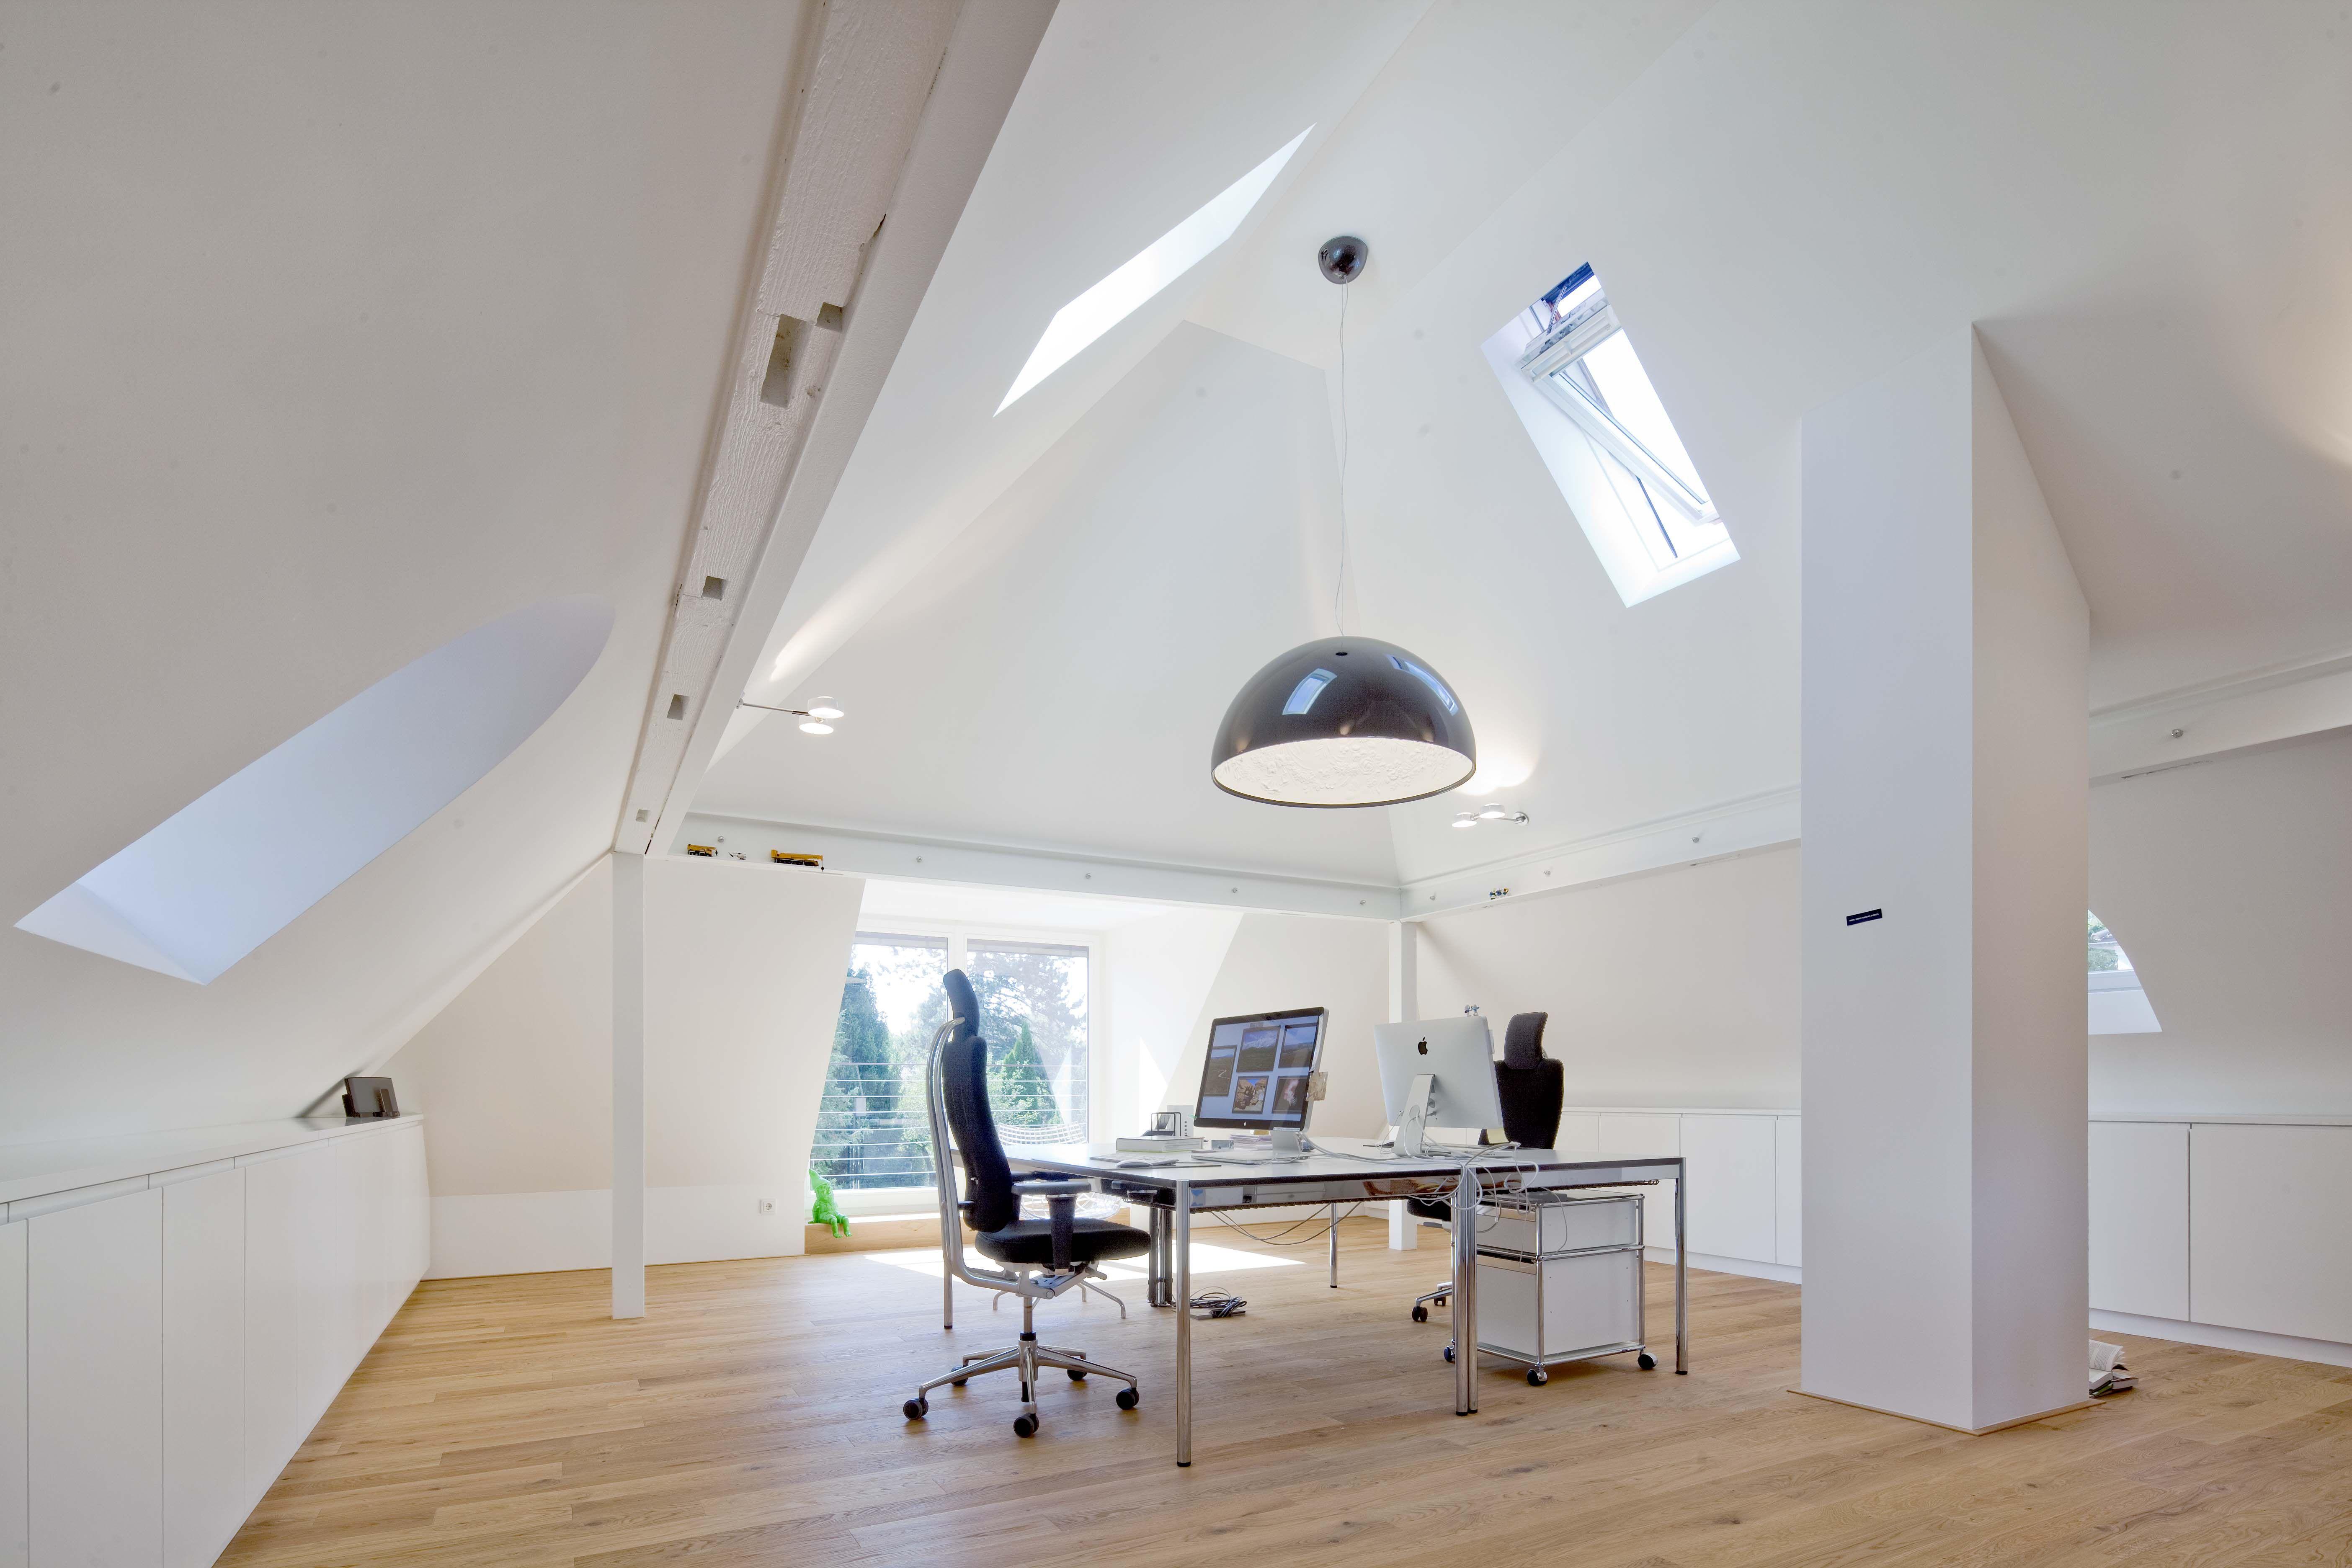 umbau siedlungshaus umbau erdgeschoss und wohnbereich. Black Bedroom Furniture Sets. Home Design Ideas